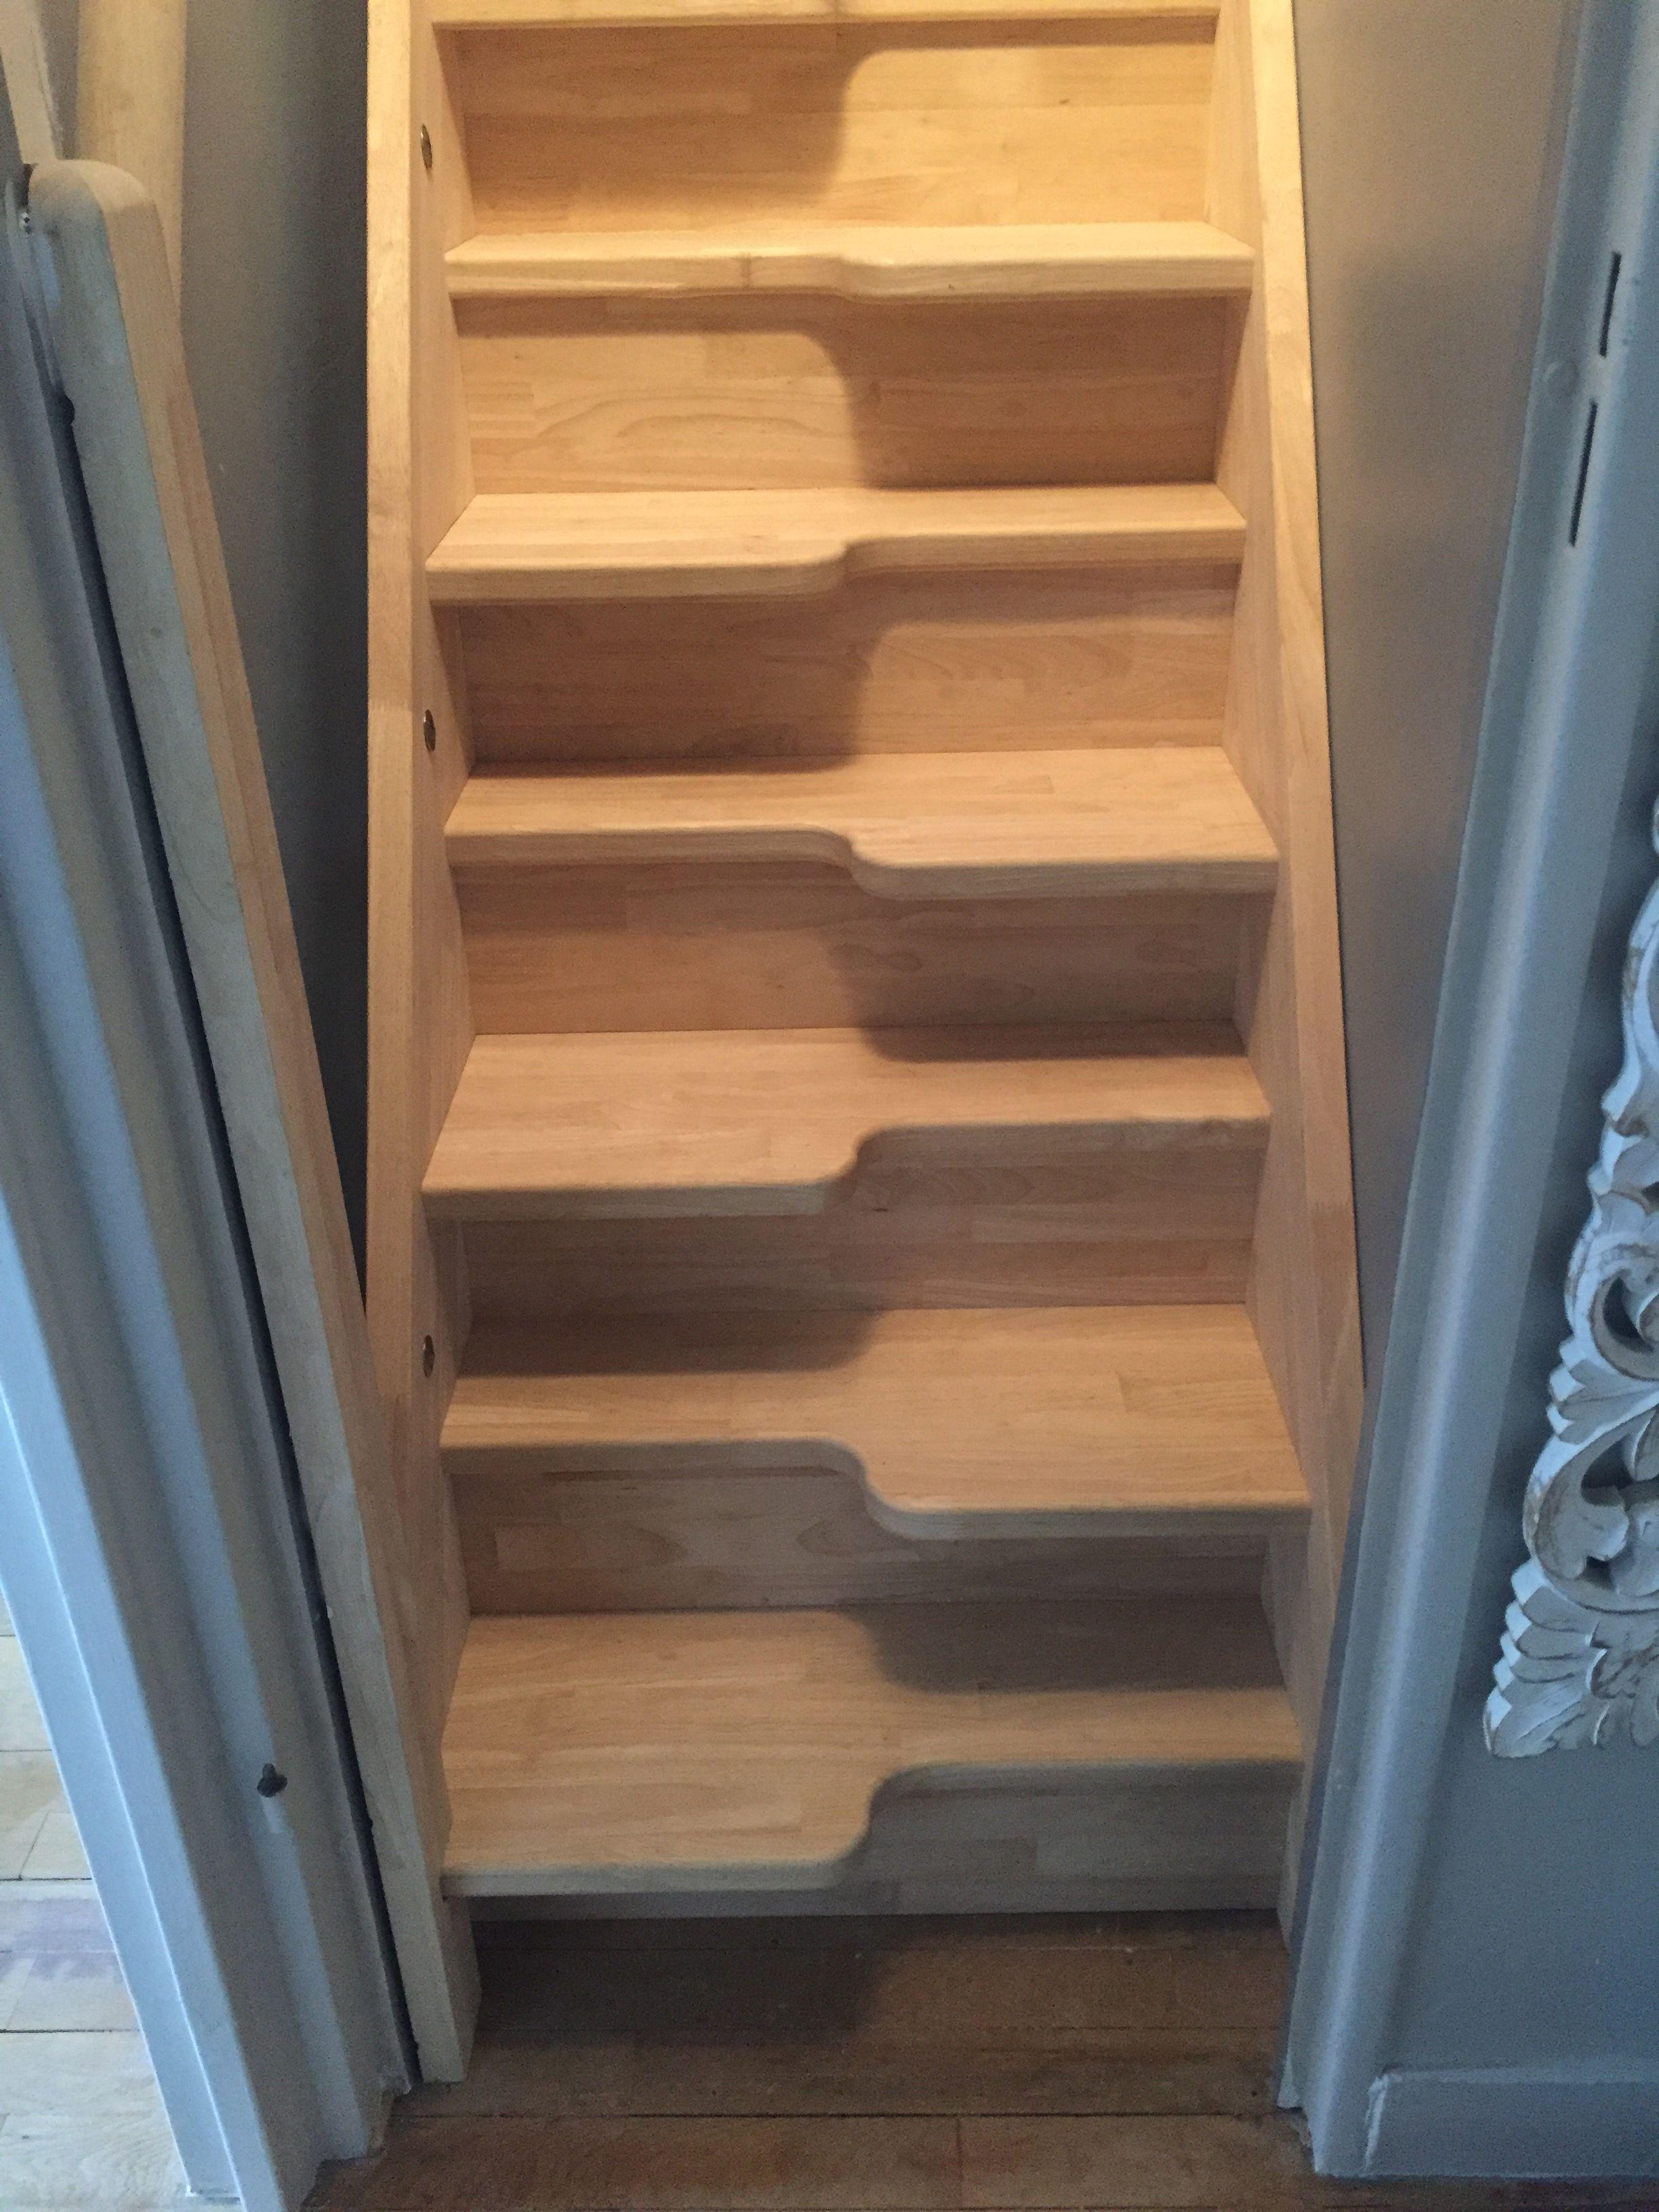 escalier pas japonais pour gagner de la place escalier. Black Bedroom Furniture Sets. Home Design Ideas